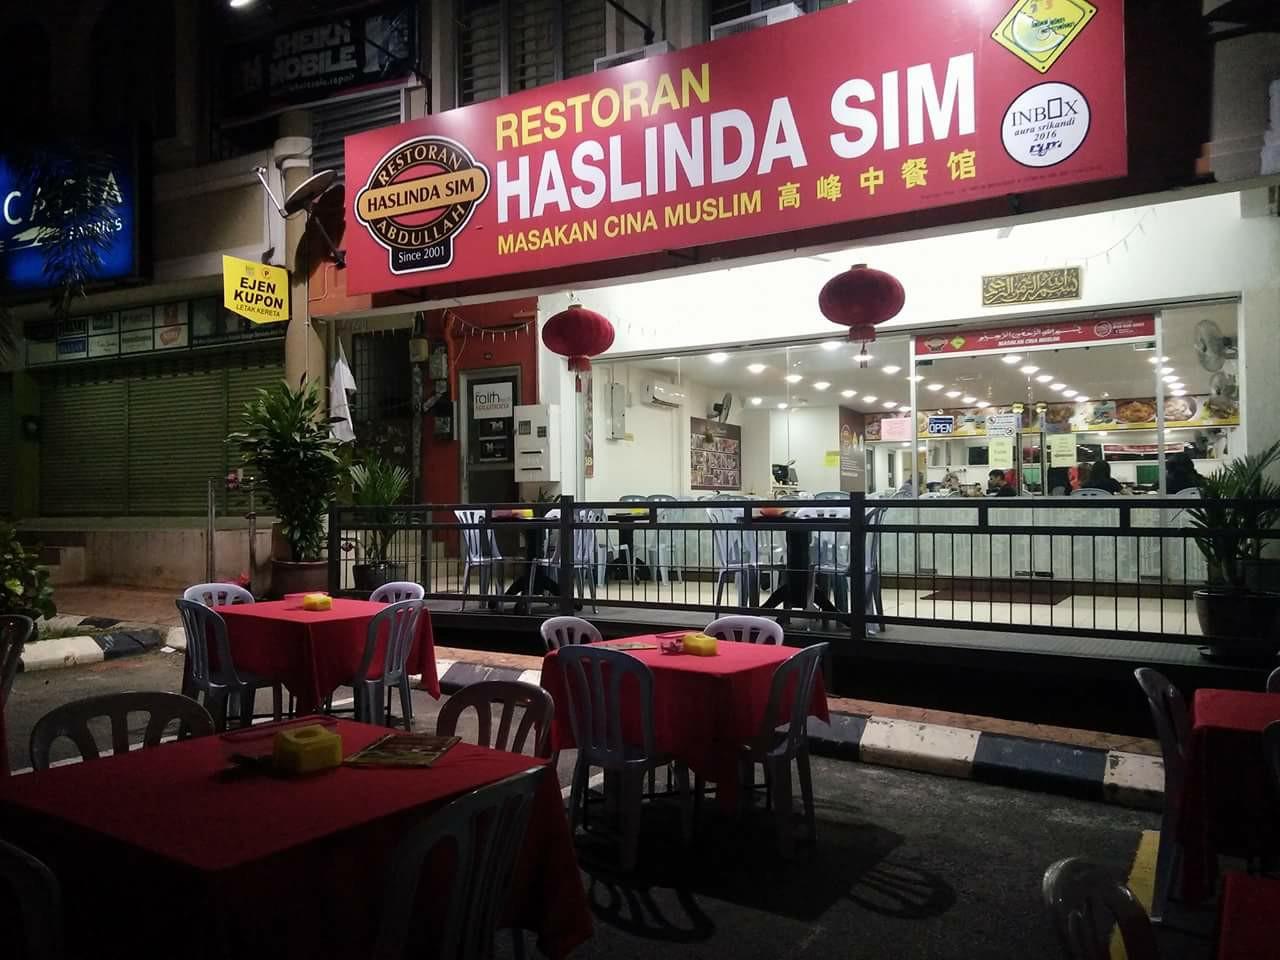 Image from Restaurant Haslinda Sim Abdullah/Facebook